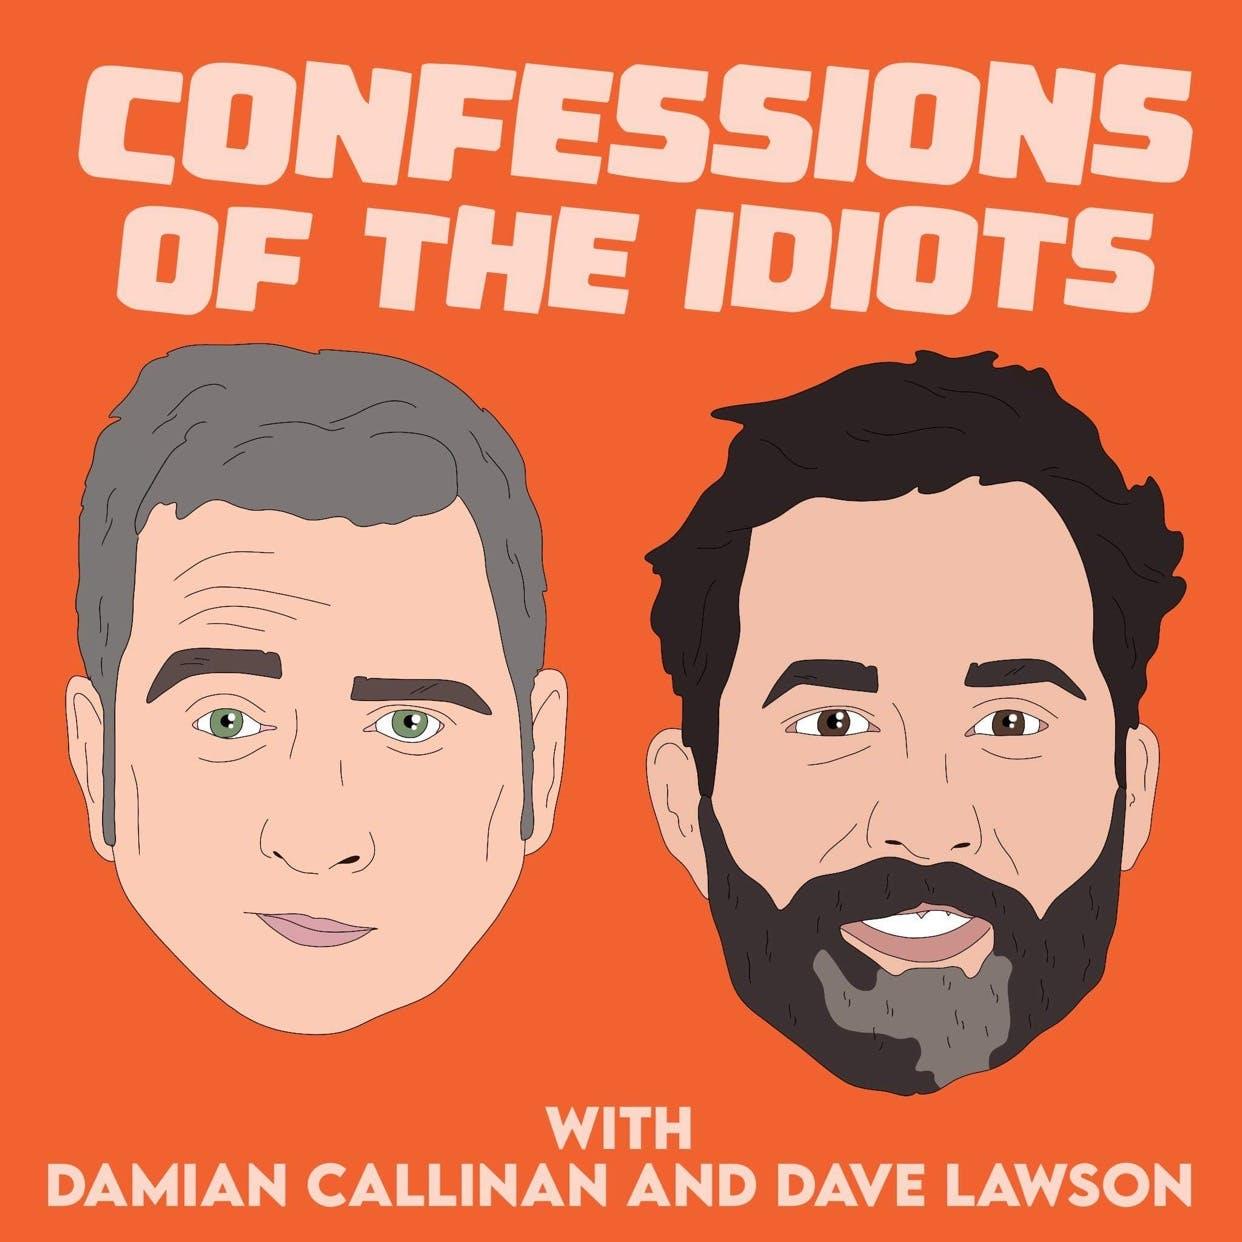 Damian Callinan & Dave Lawson